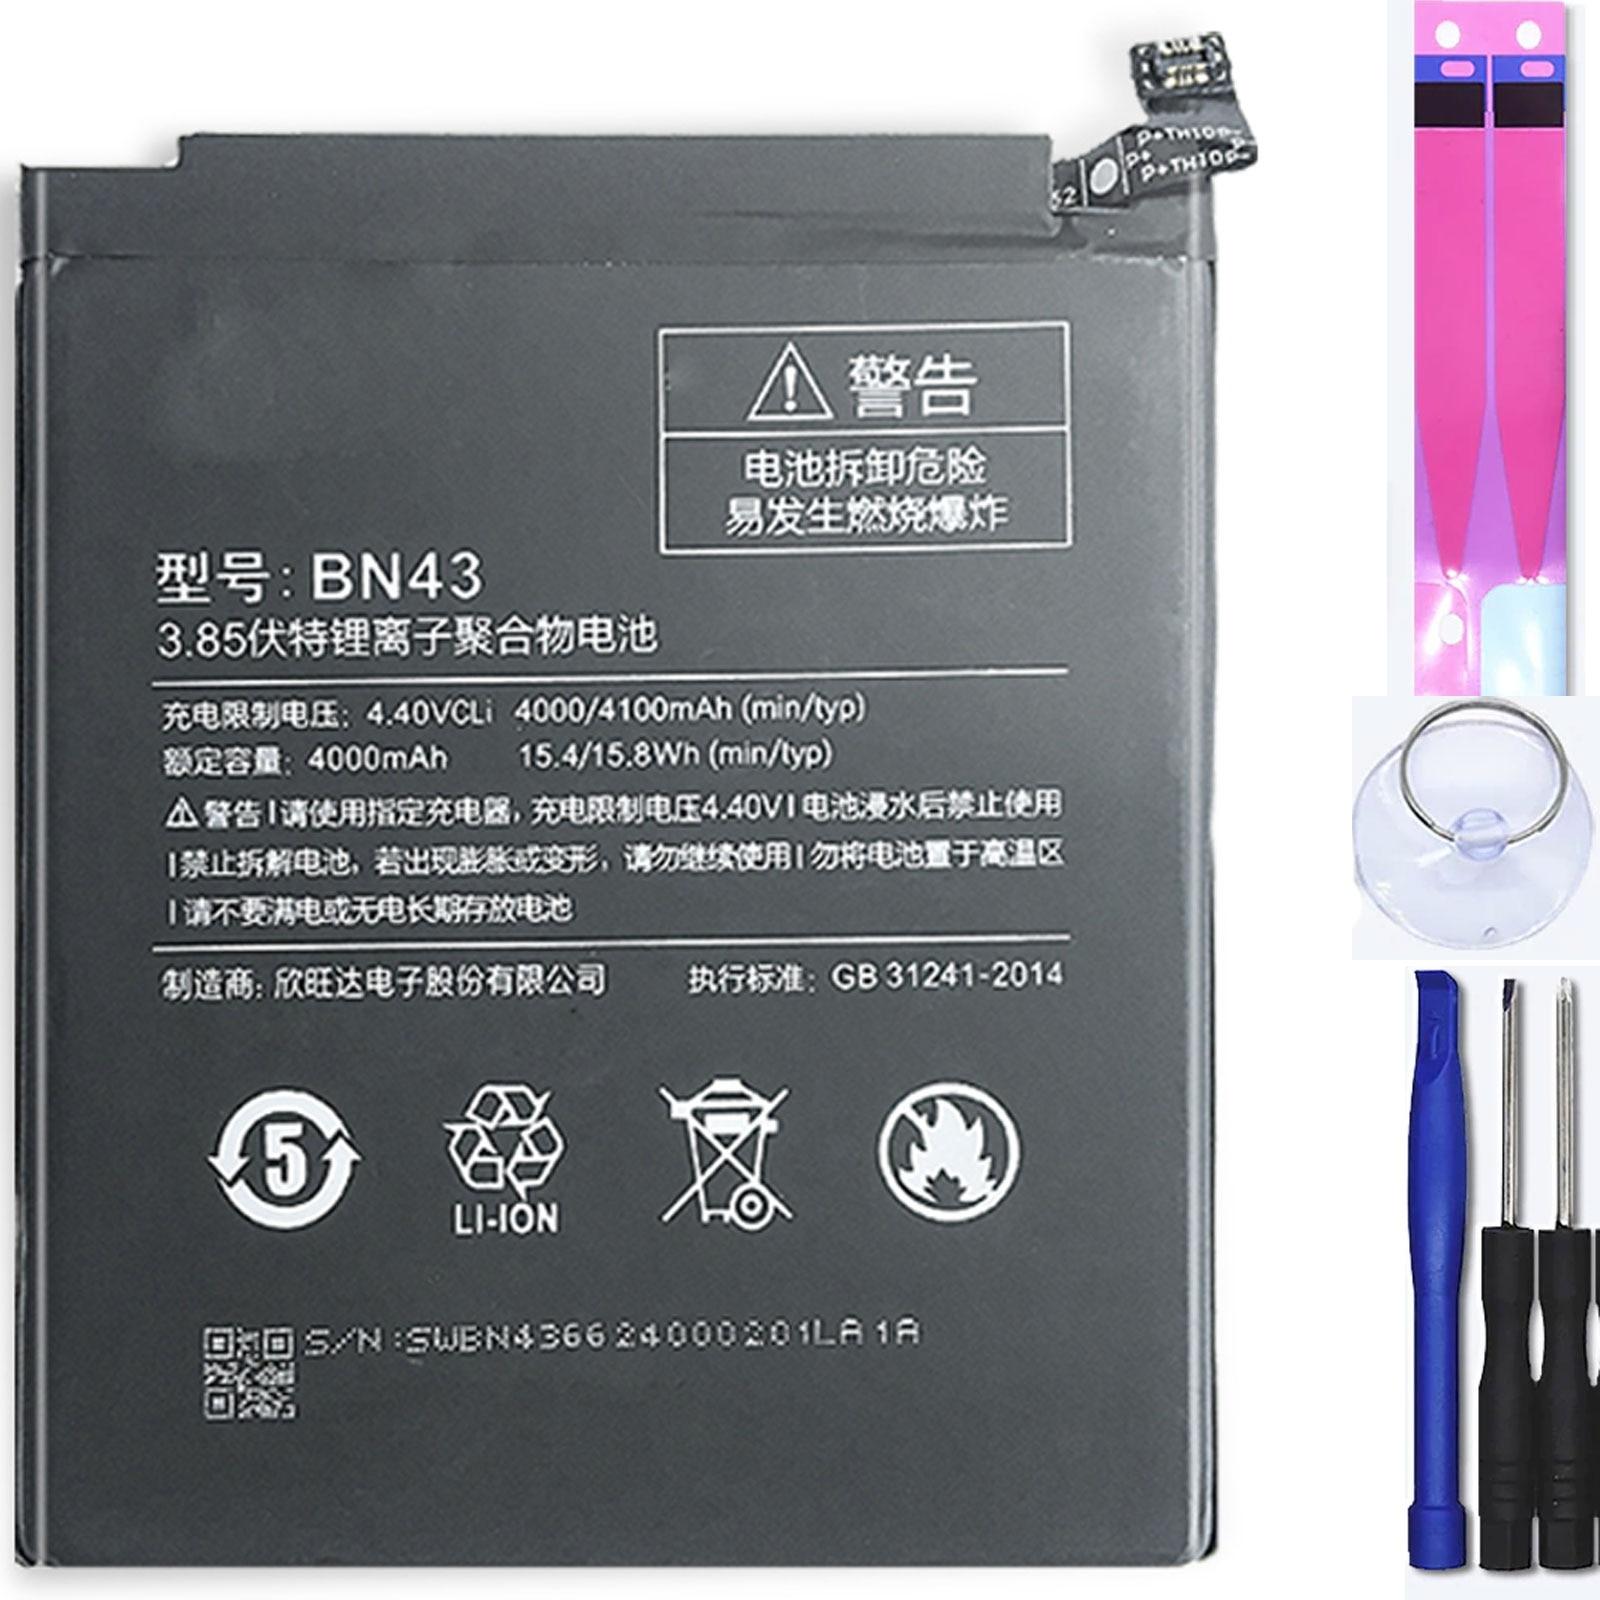 Аккумулятор для Xiaomi Redmi Note 4x, MPN Оригинал: BN43 Аккумуляторы для мобильных телефонов      АлиЭкспресс